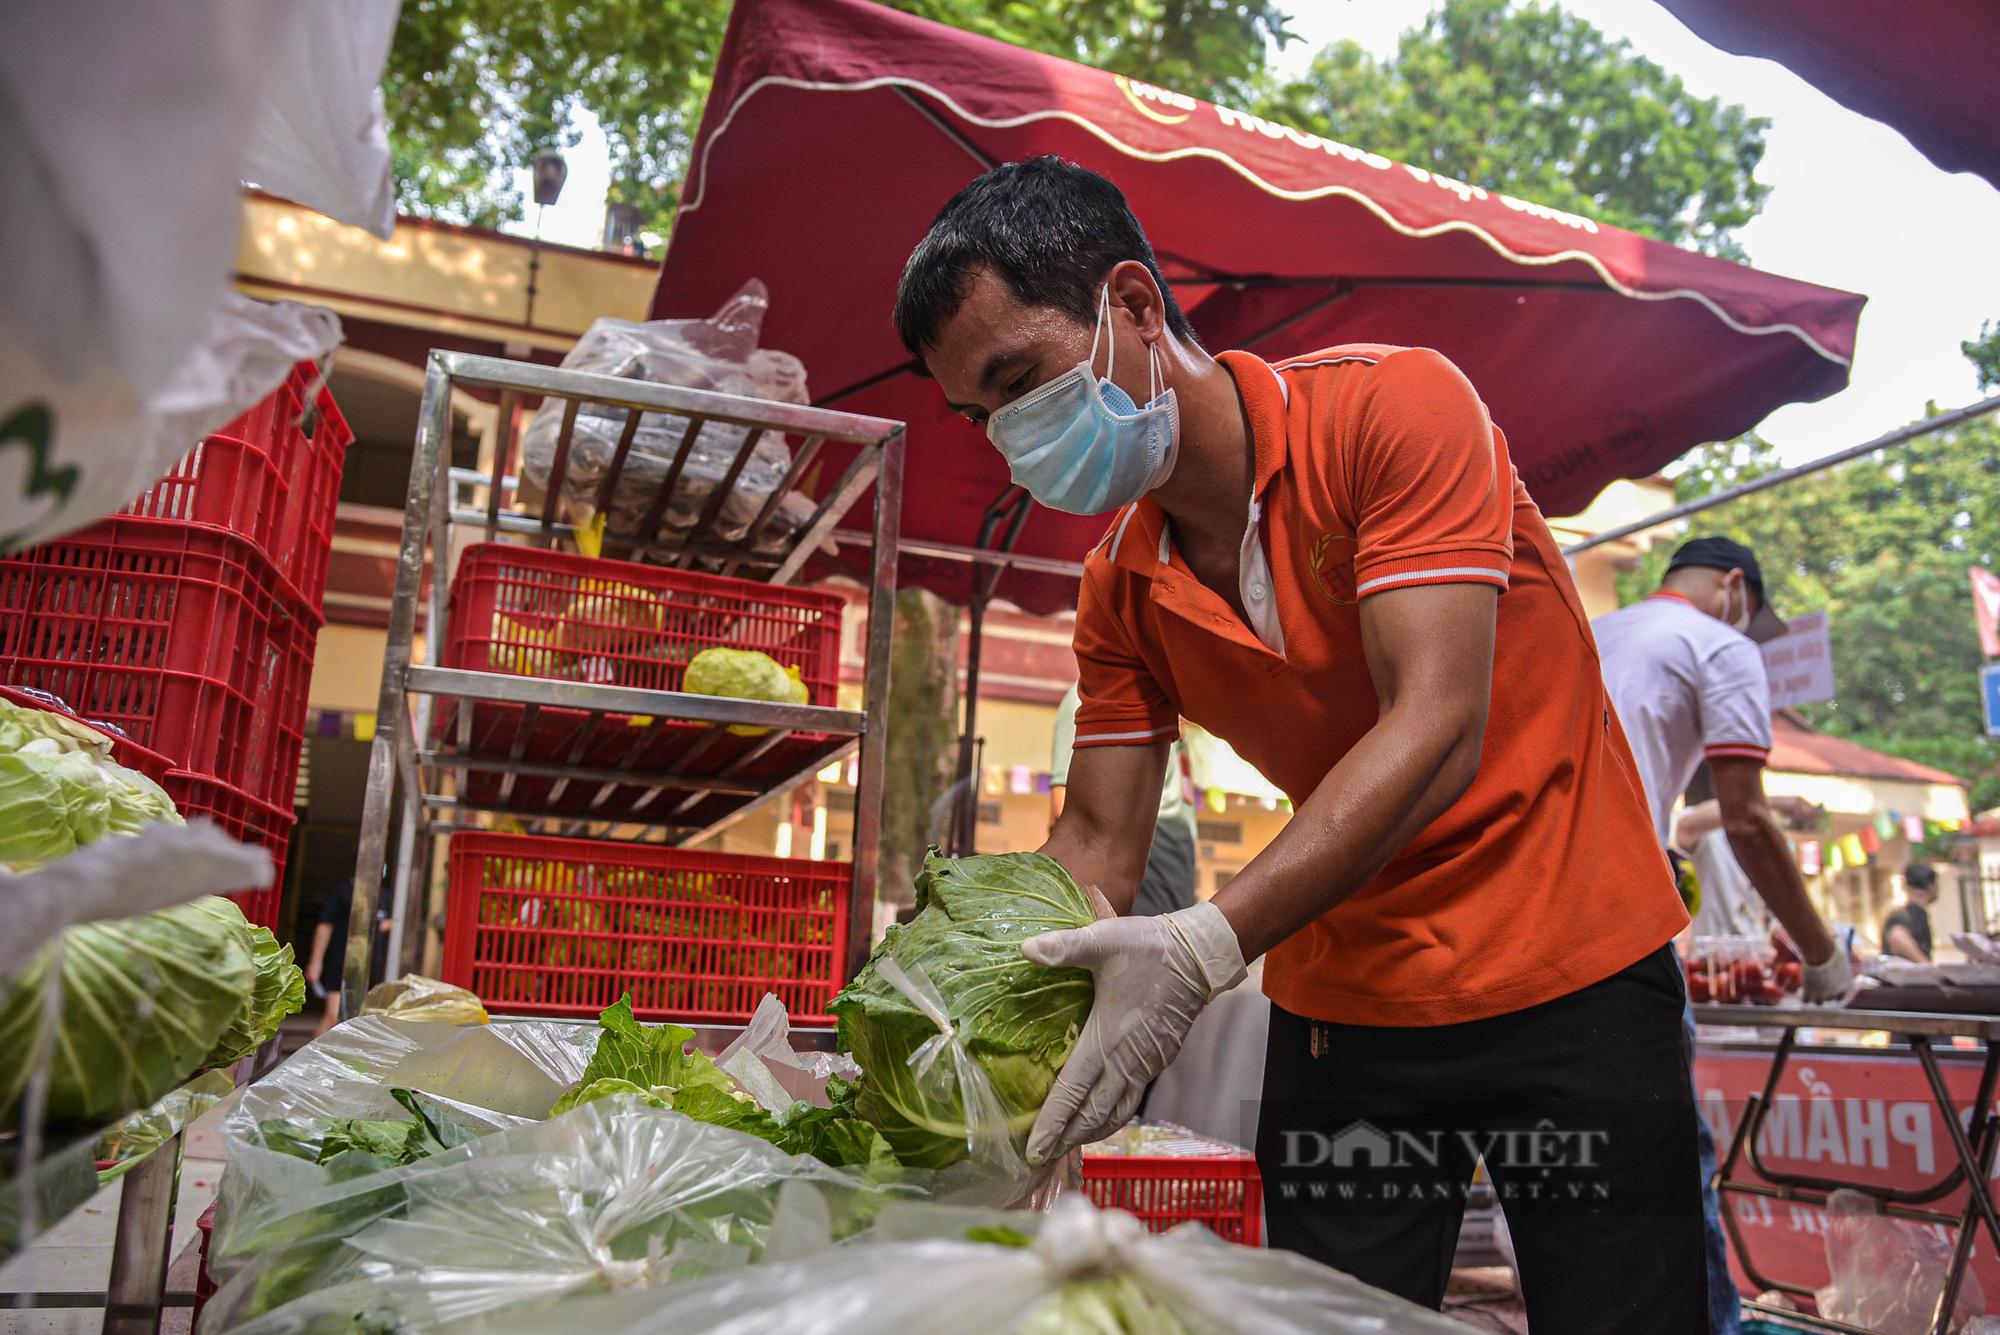 Hà Nội: Điểm bán hàng lưu động thuận lợi cho người dân trong mùa dịch - Ảnh 2.